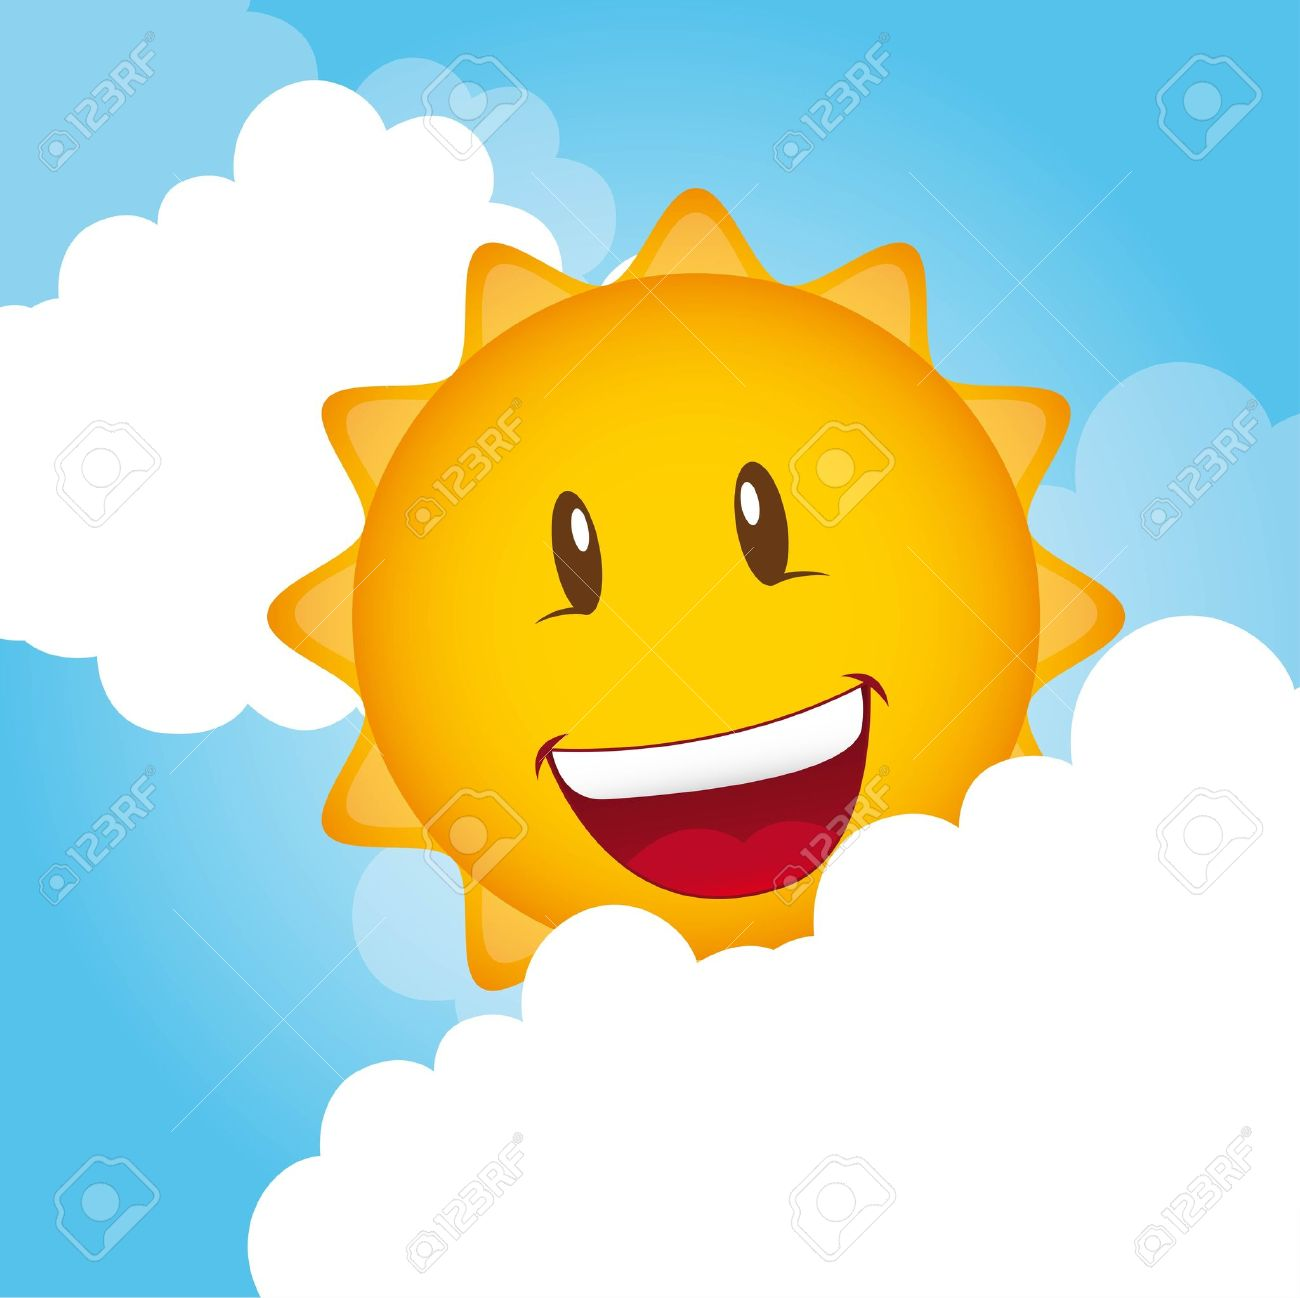 Dibujos Animados de Sol y Nubes de Dibujos Animados Sol Con